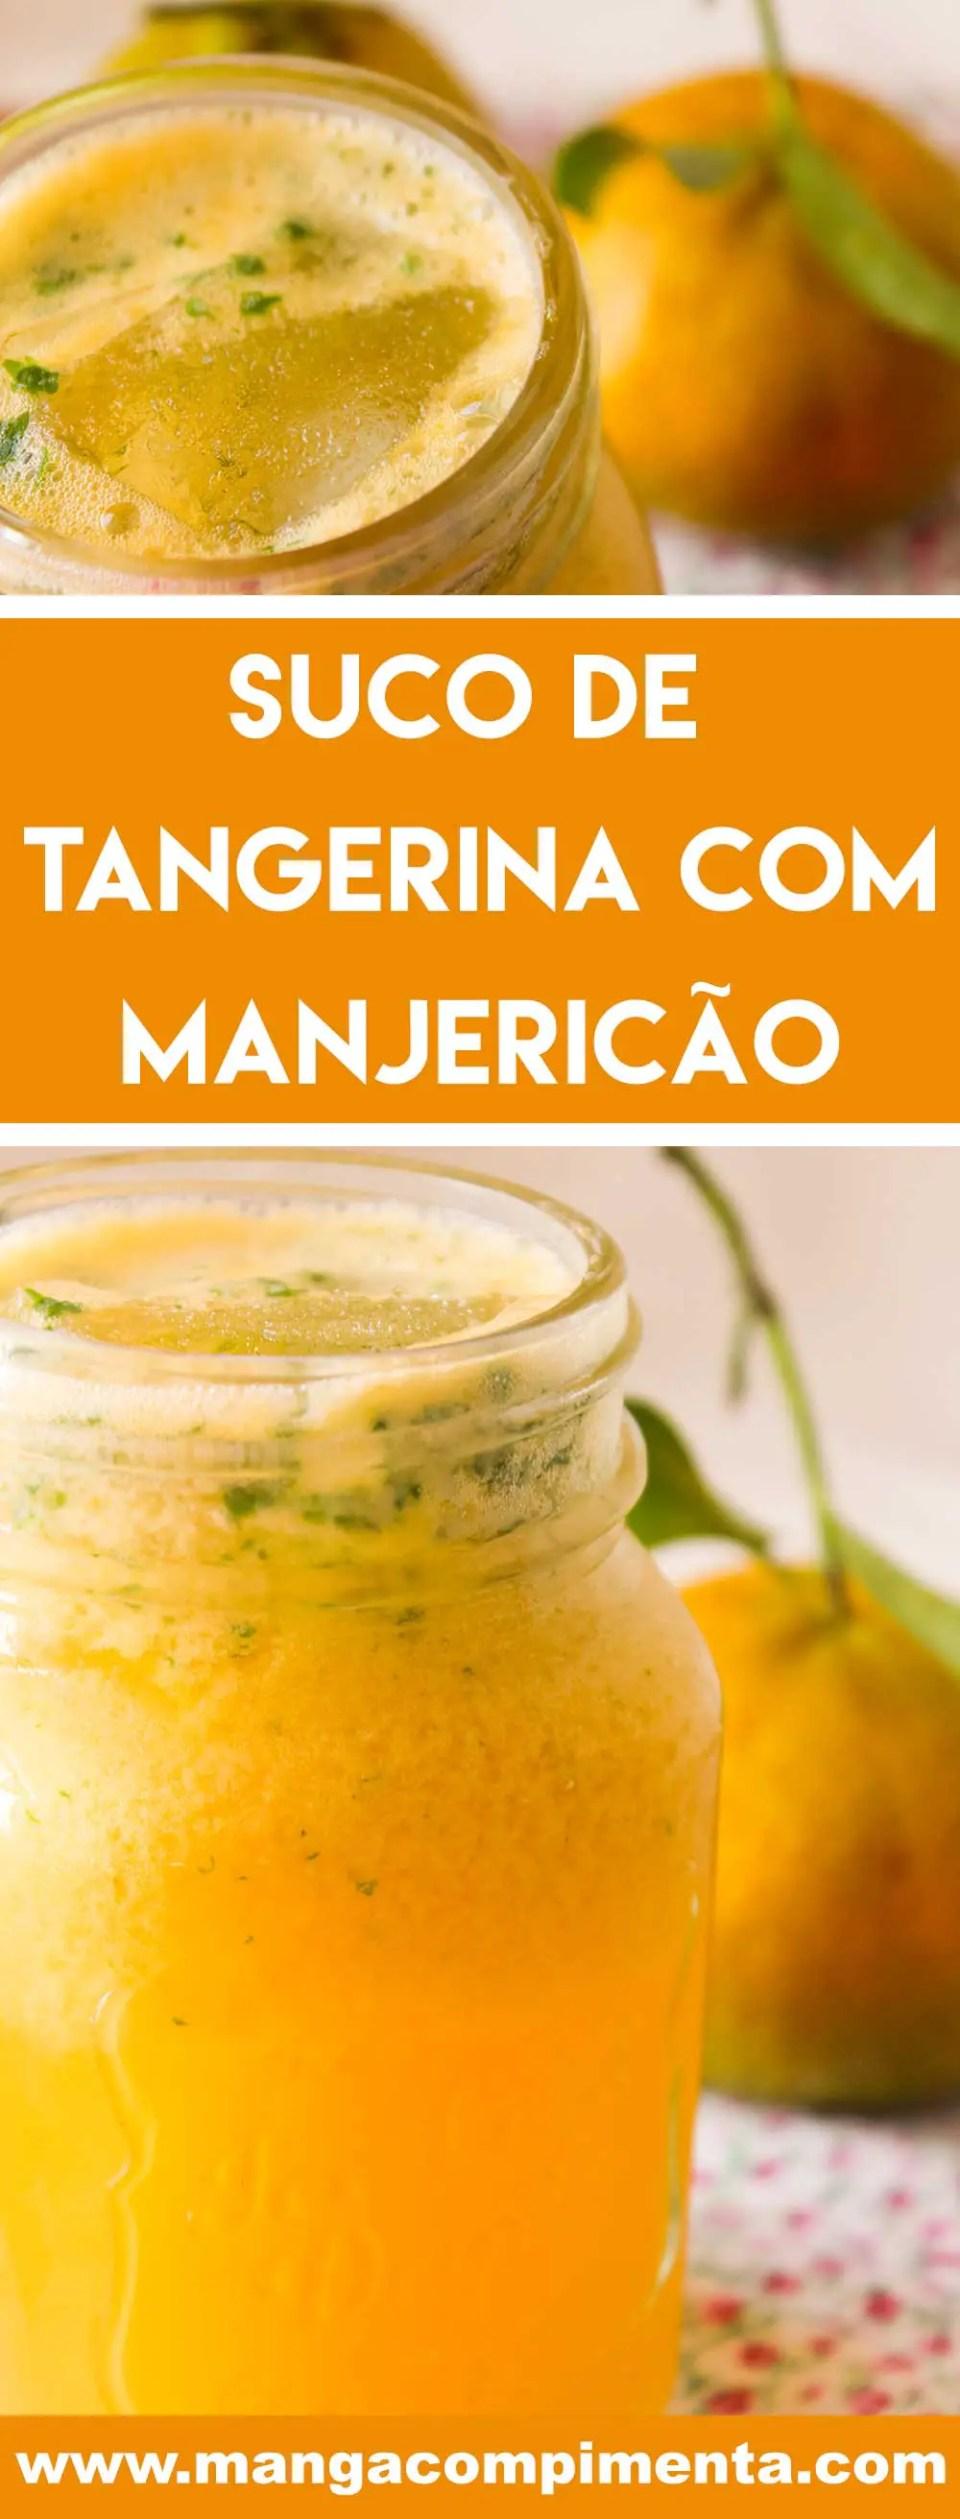 Receita de Suco de Tangerina com Manjericão - uma bebida deliciosa e nutritiva para o dia a dia.